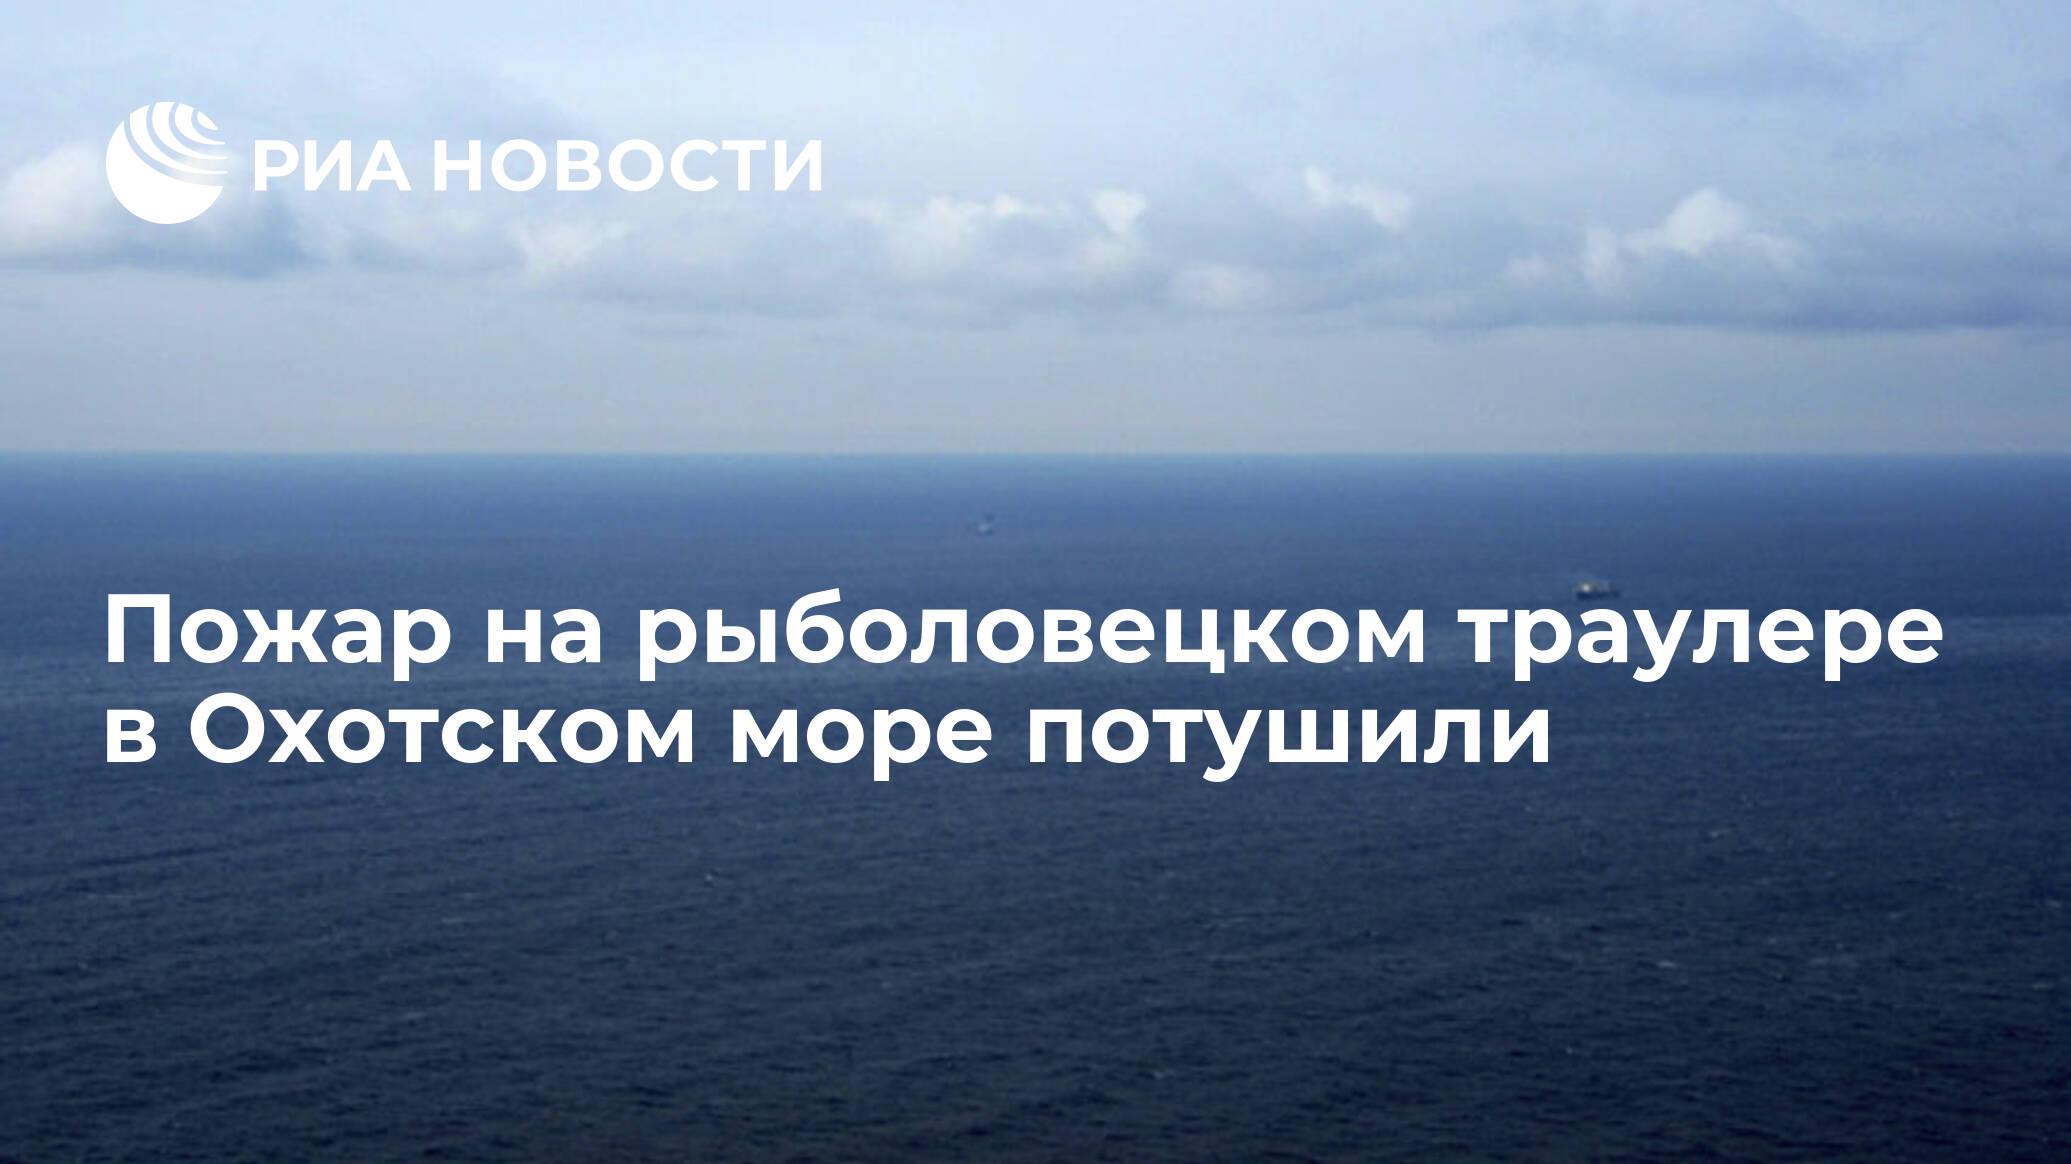 Пожар на рыболовецком траулере в Охотском море потушили